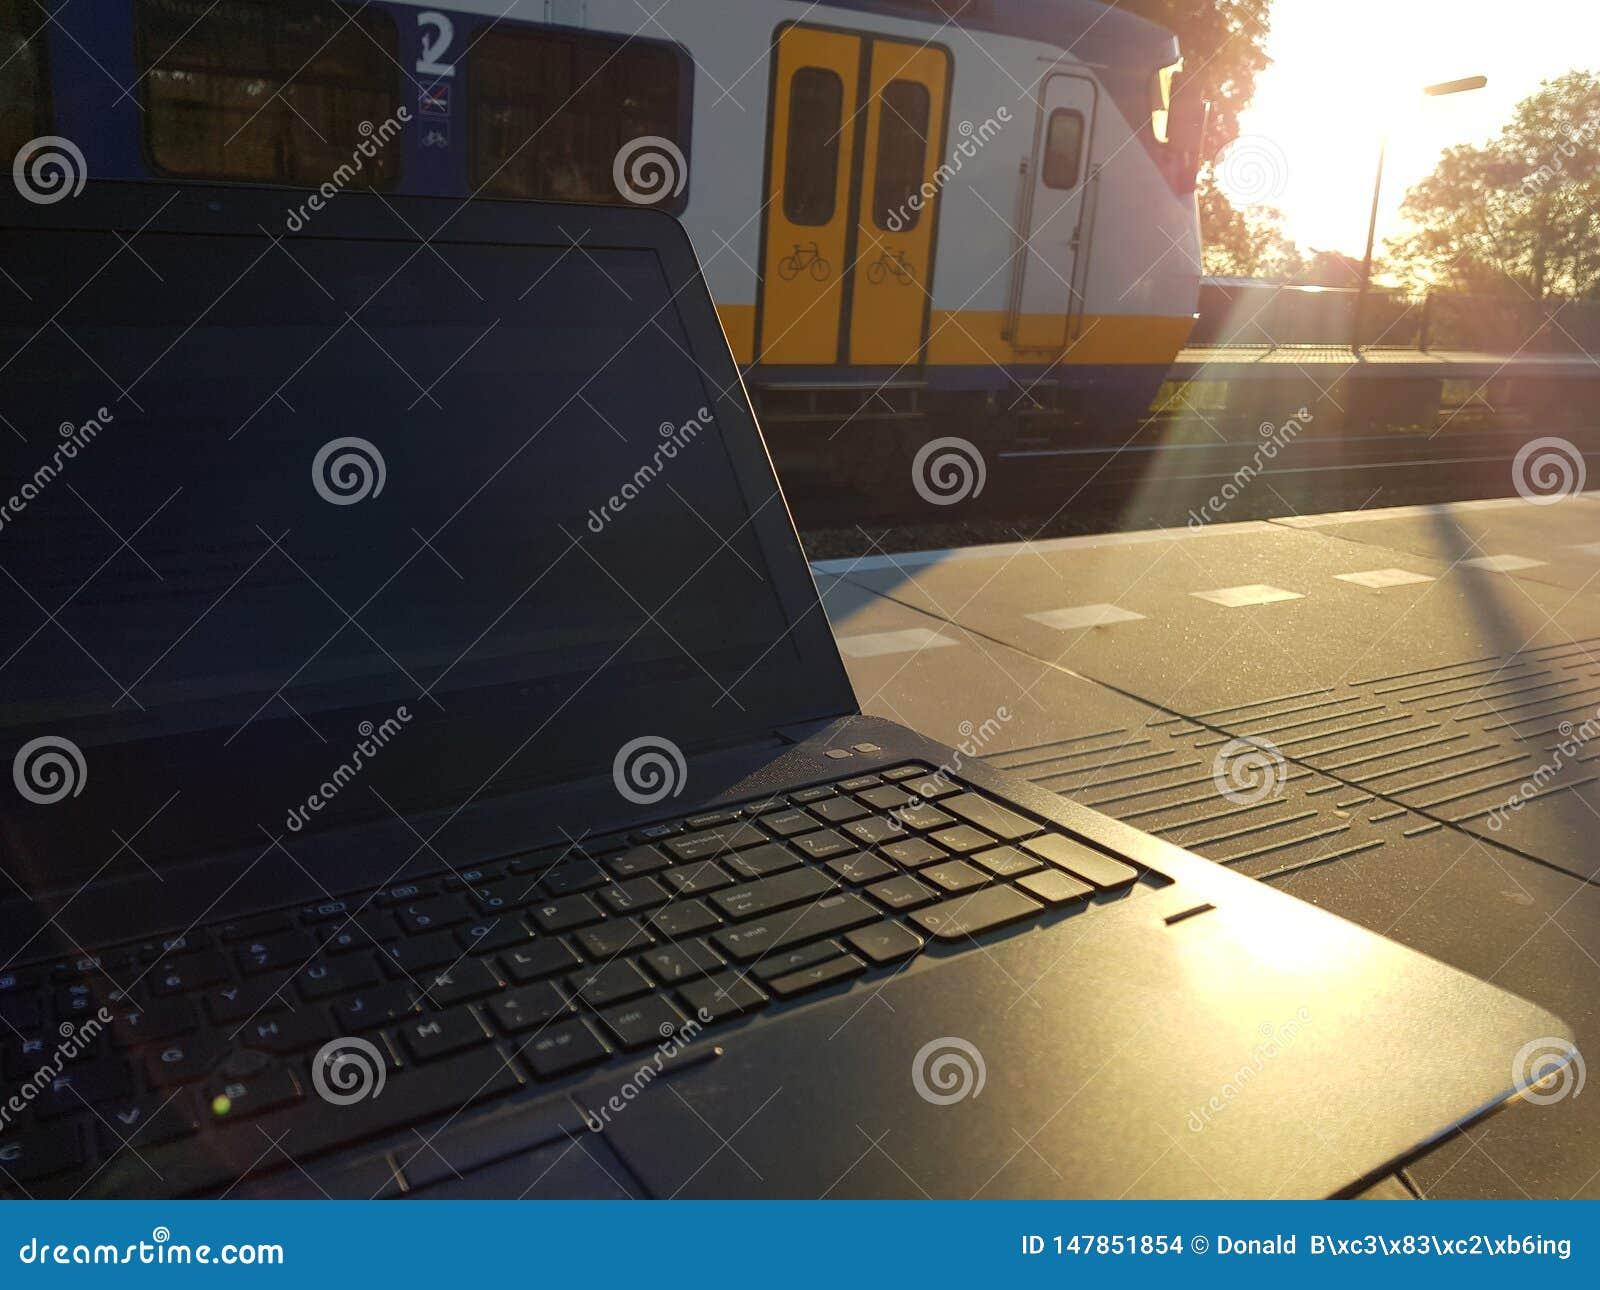 Trabajando en el ordenador portátil mientras que espera en la plataforma tren, maximice la productividad